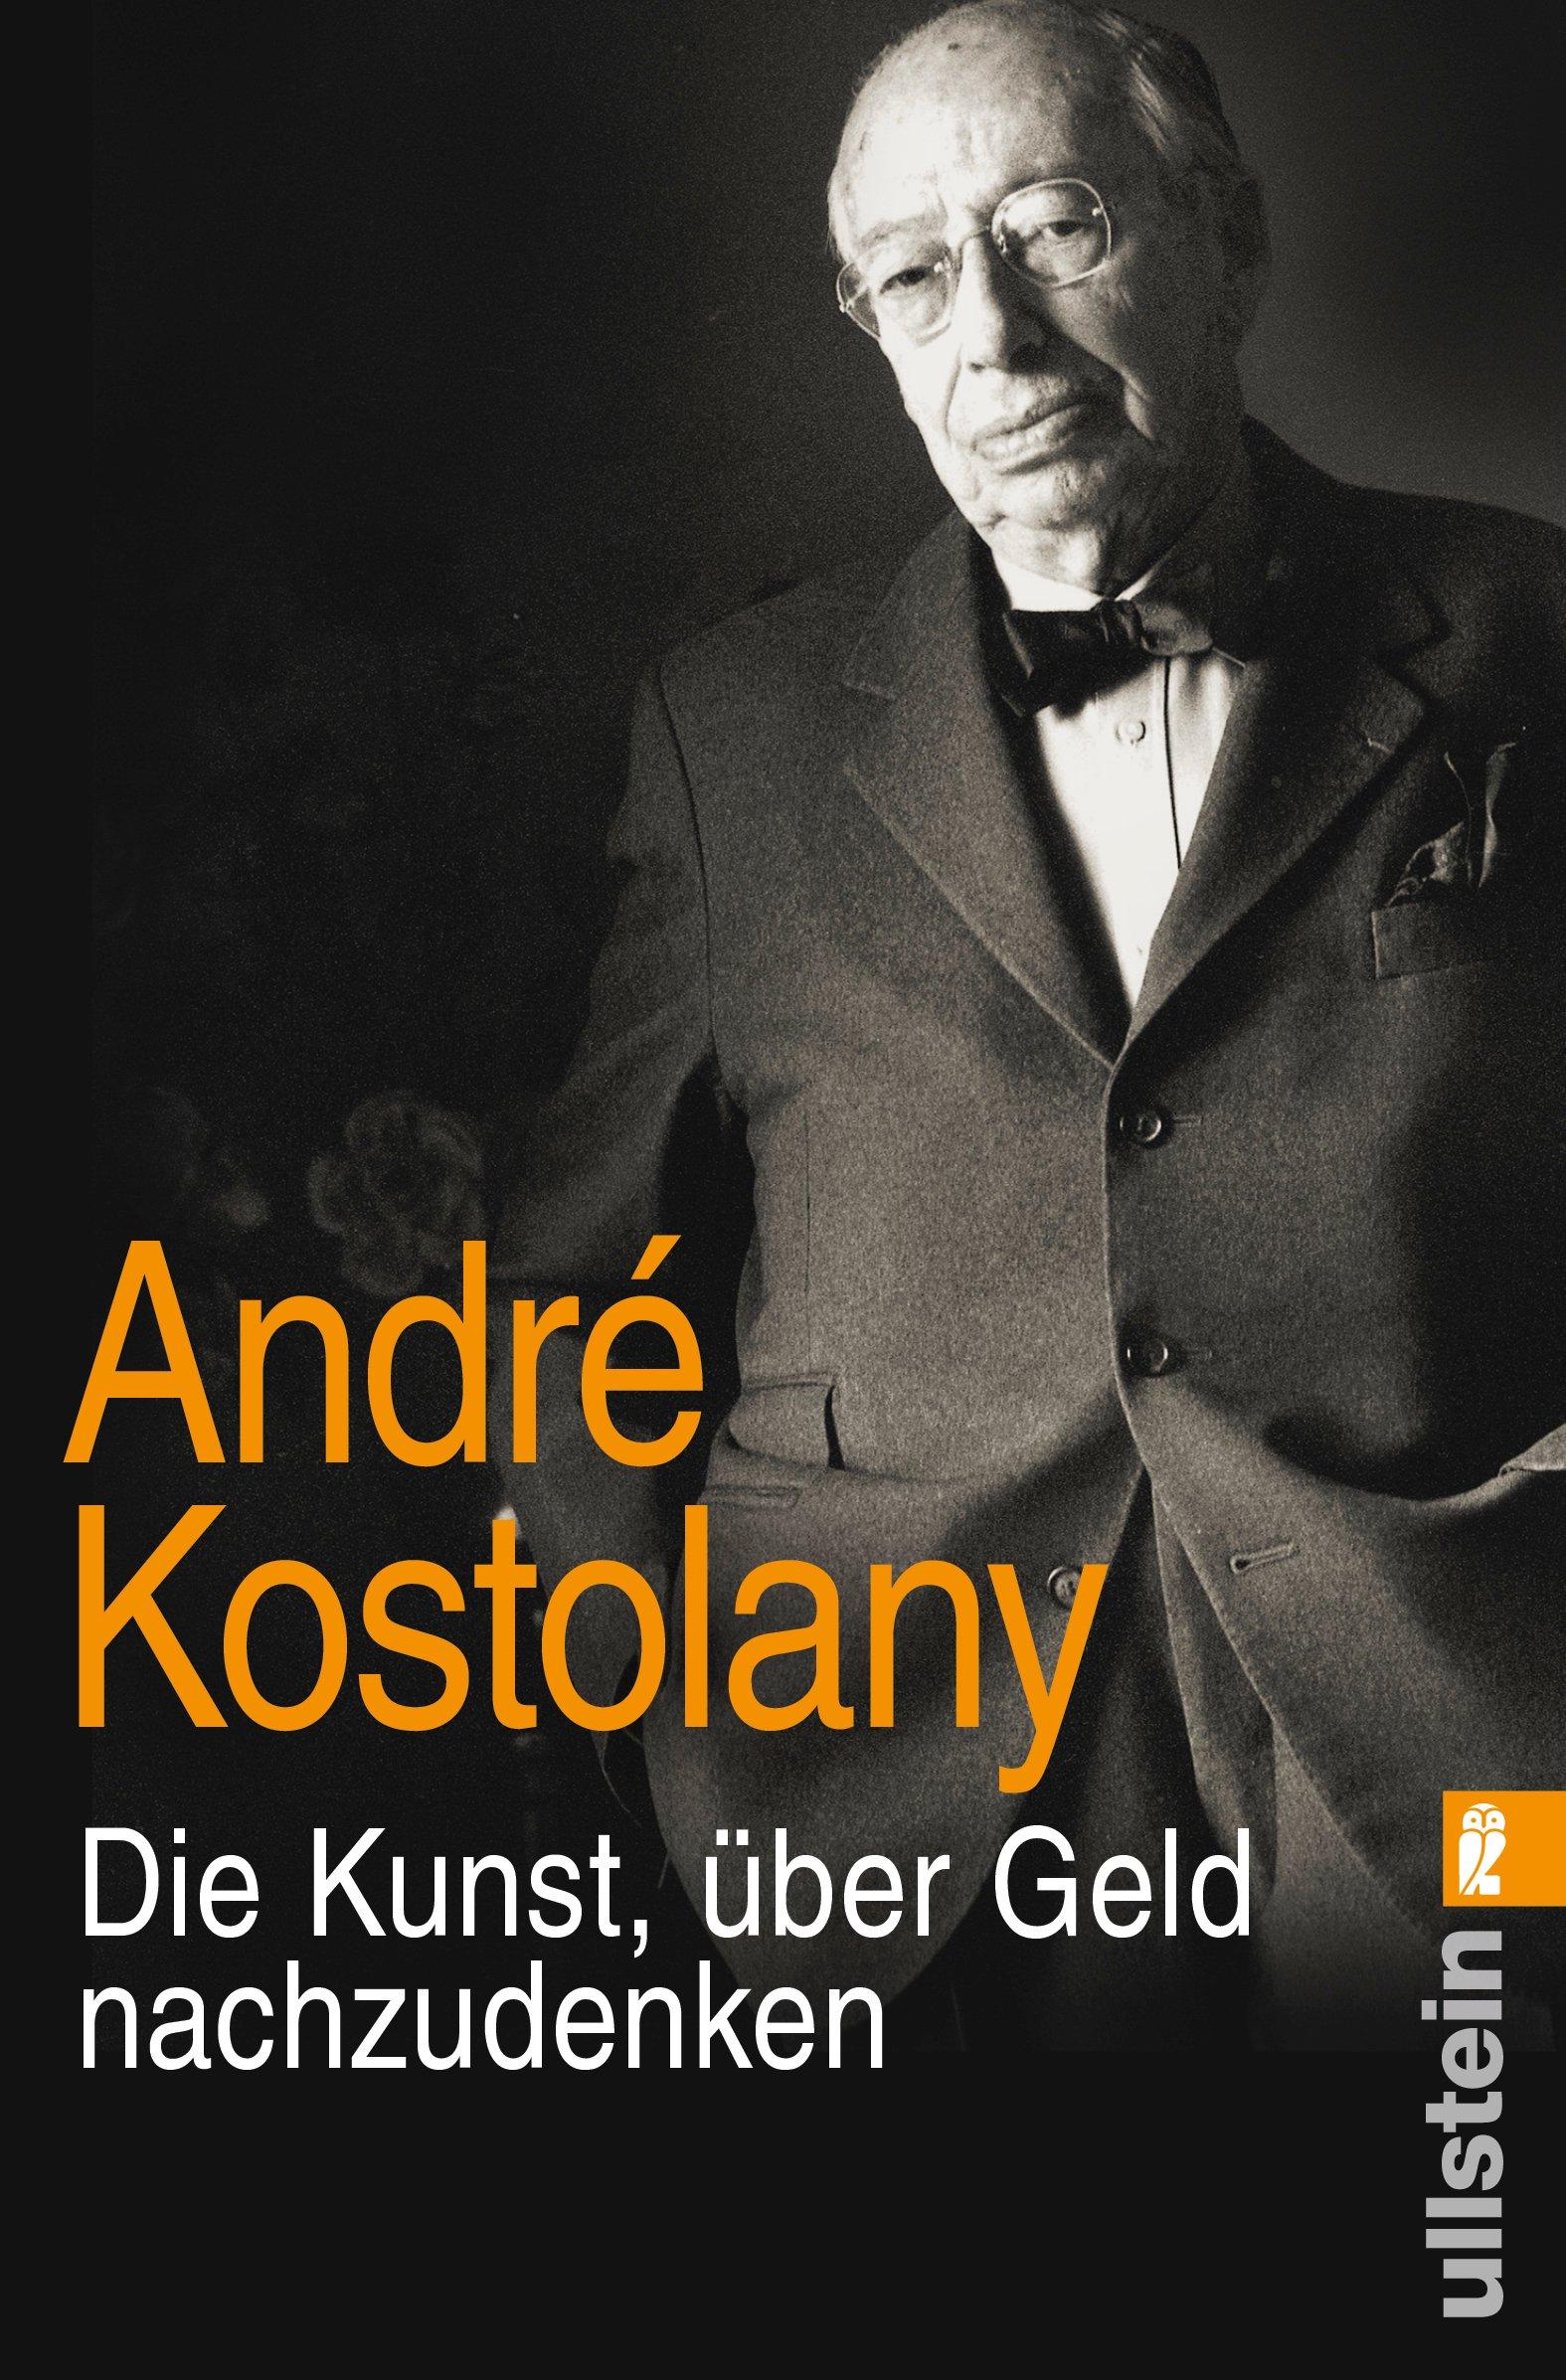 Die Kunst, über Geld nachzudenken Taschenbuch – 8. April 2015 André Kostolany über Geld nachzudenken Ullstein Taschenbuch 3548375901